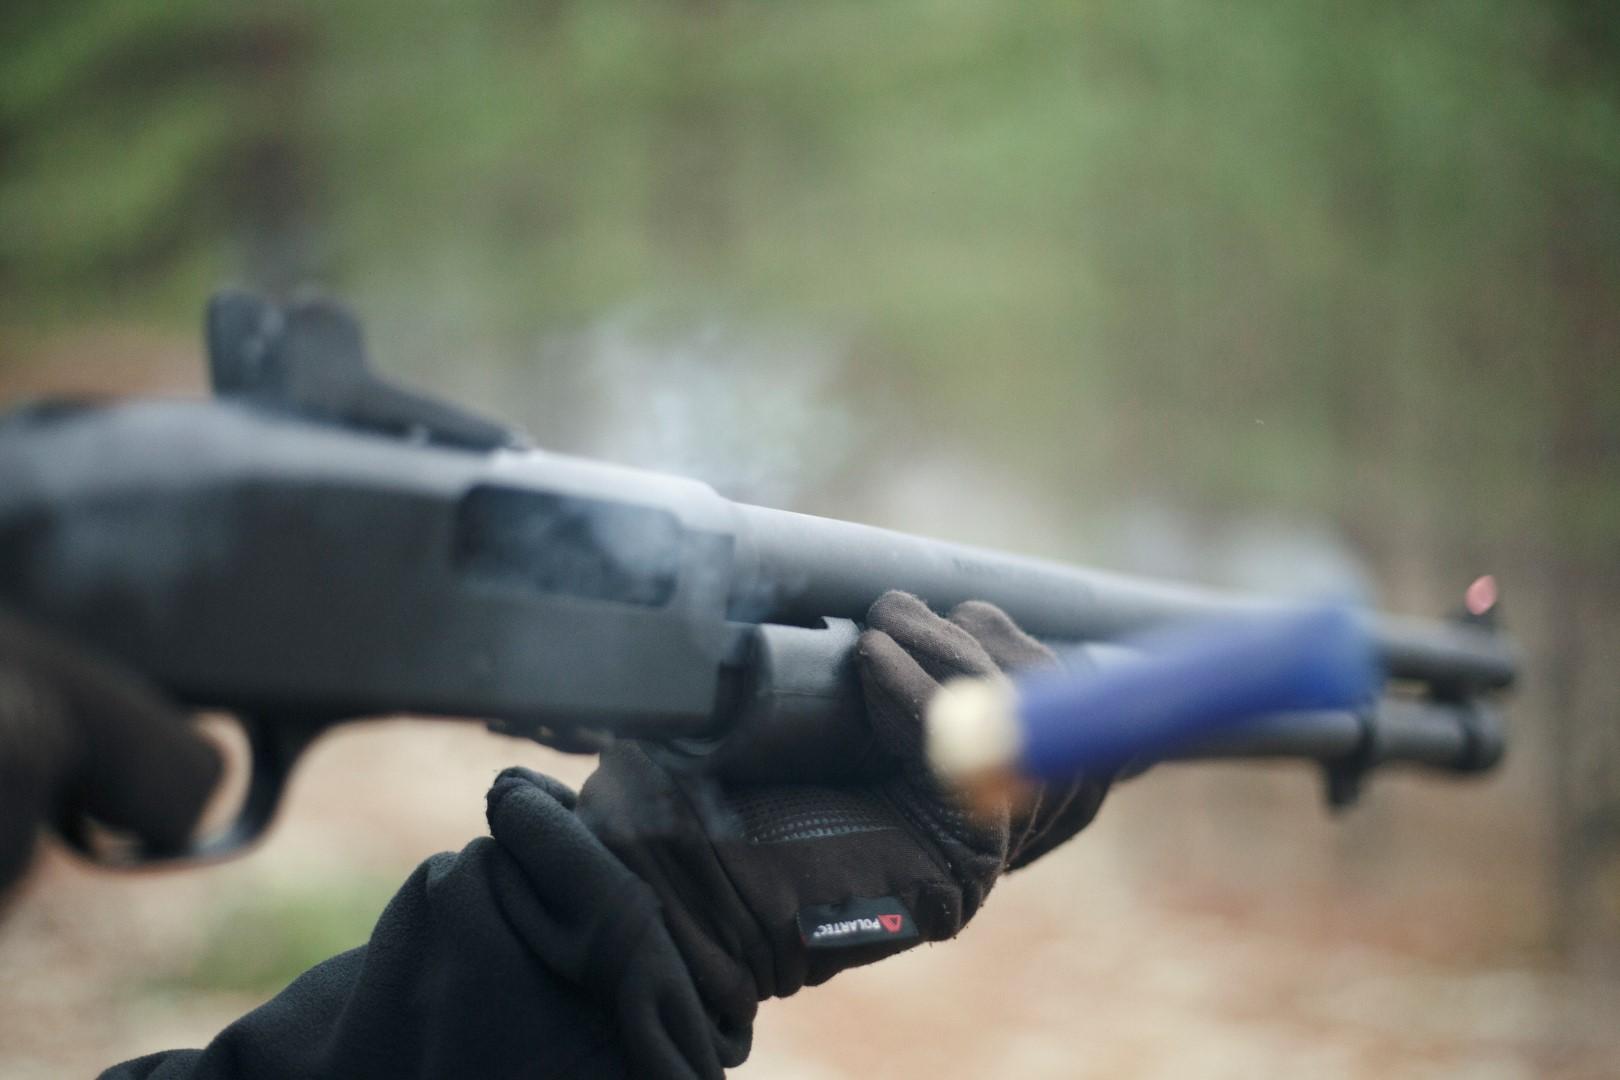 halvautomat hagelgevär antal skott